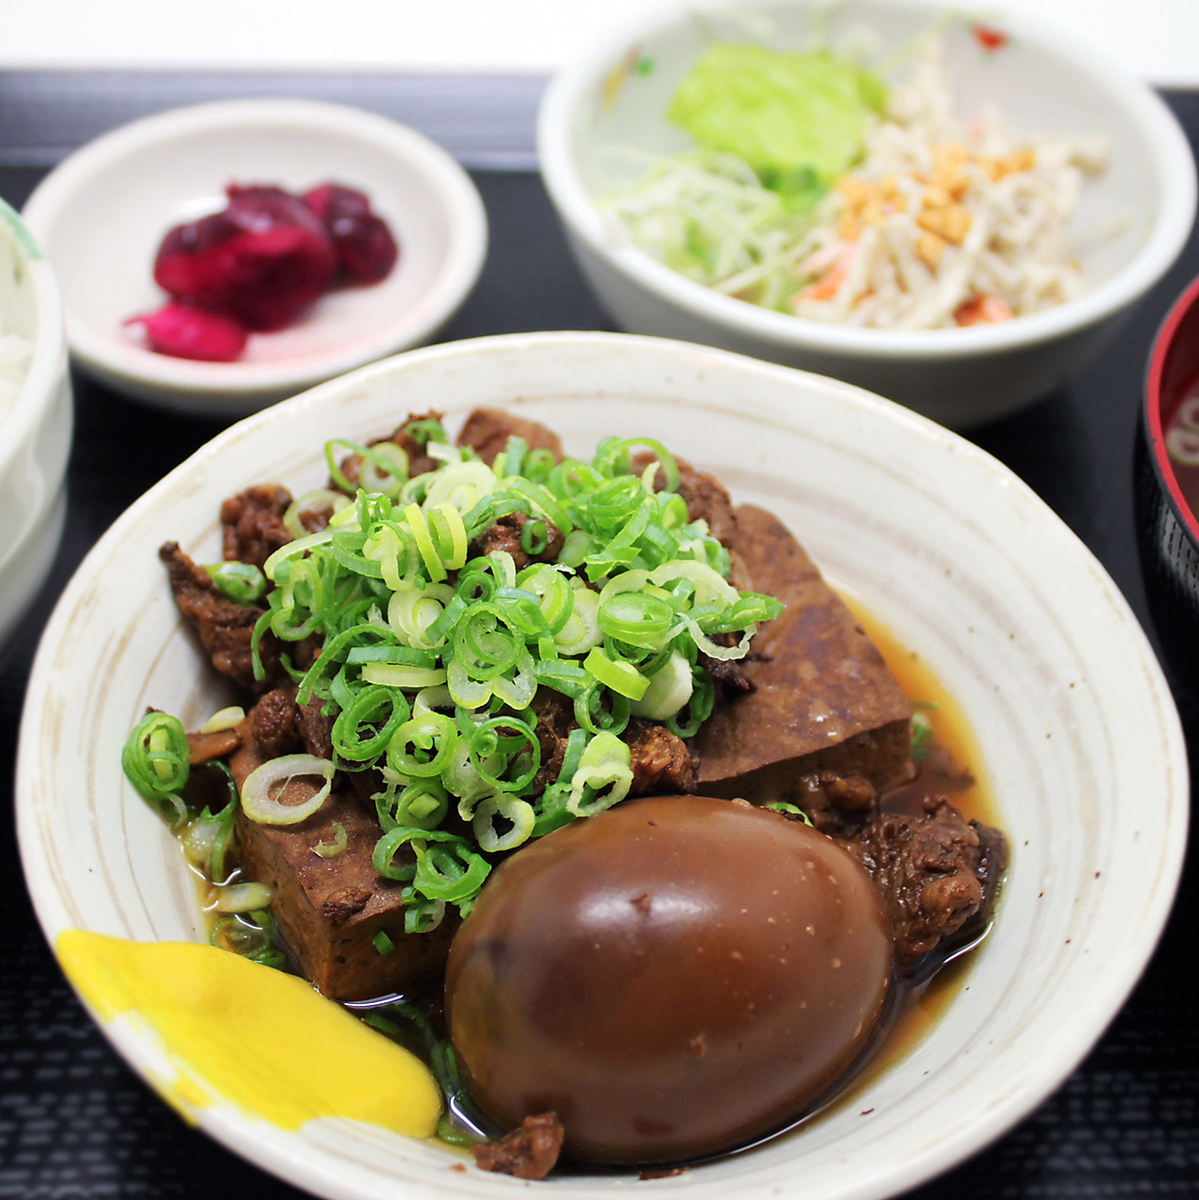 午餐套餐是900日元(不含稅)〜